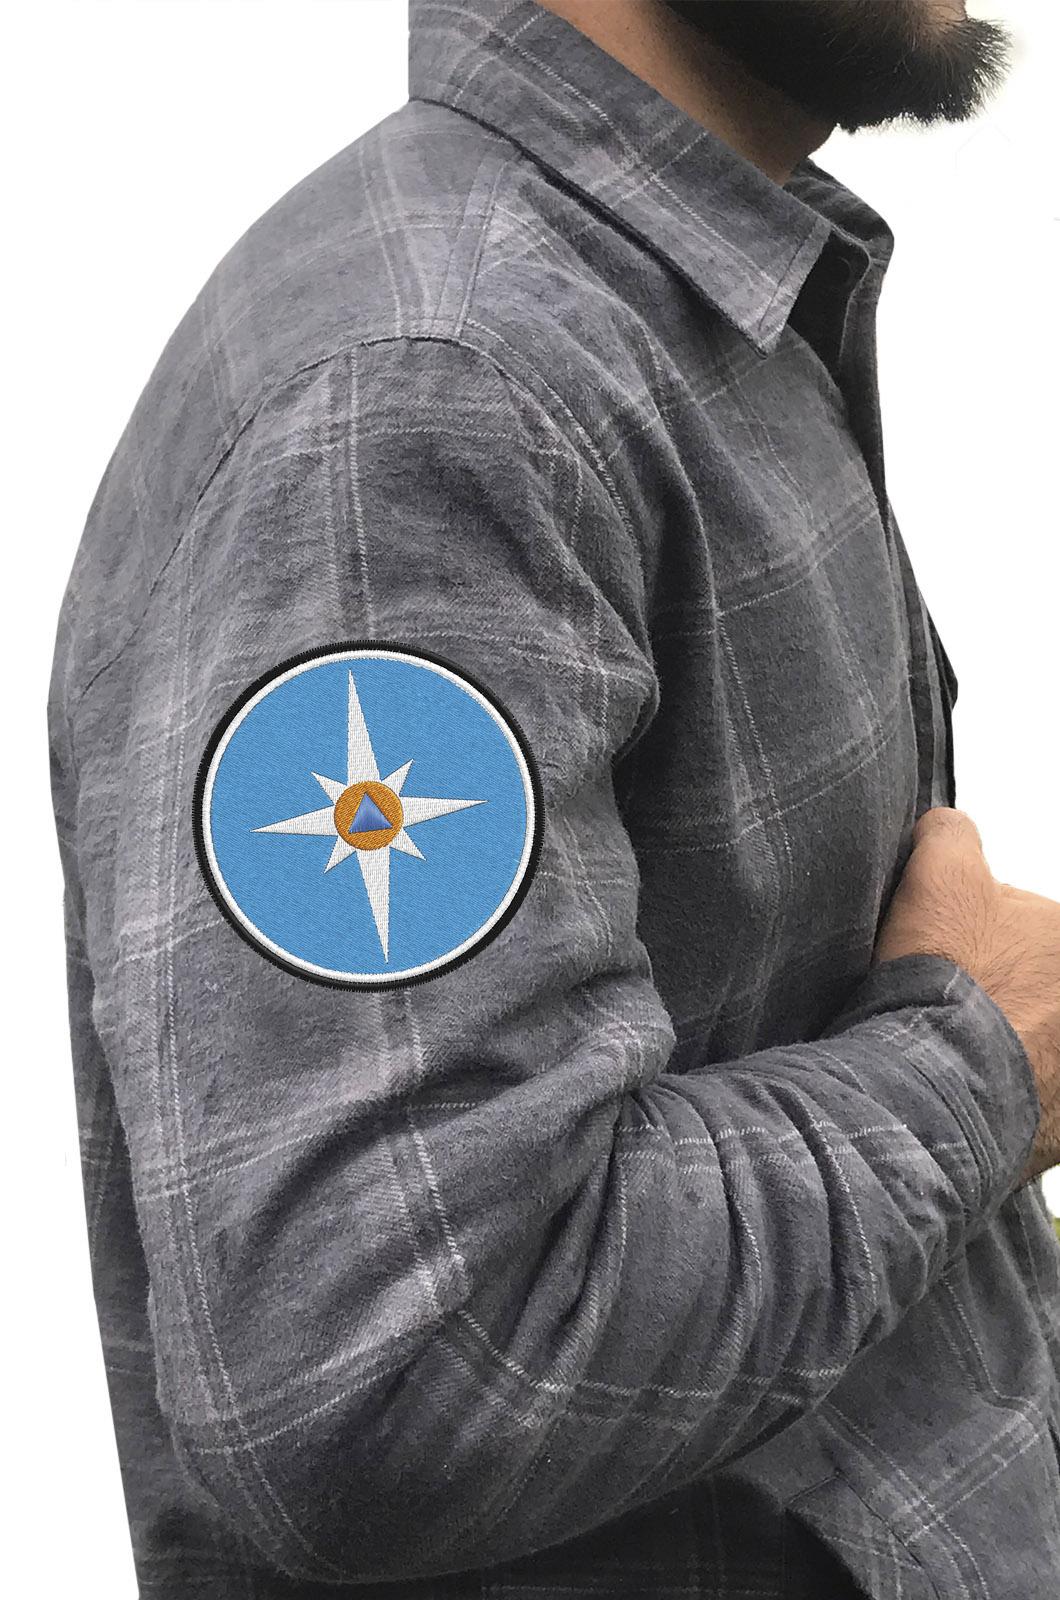 Лучшая рубашка с вышитым шевроном МЧС - купить выгодно